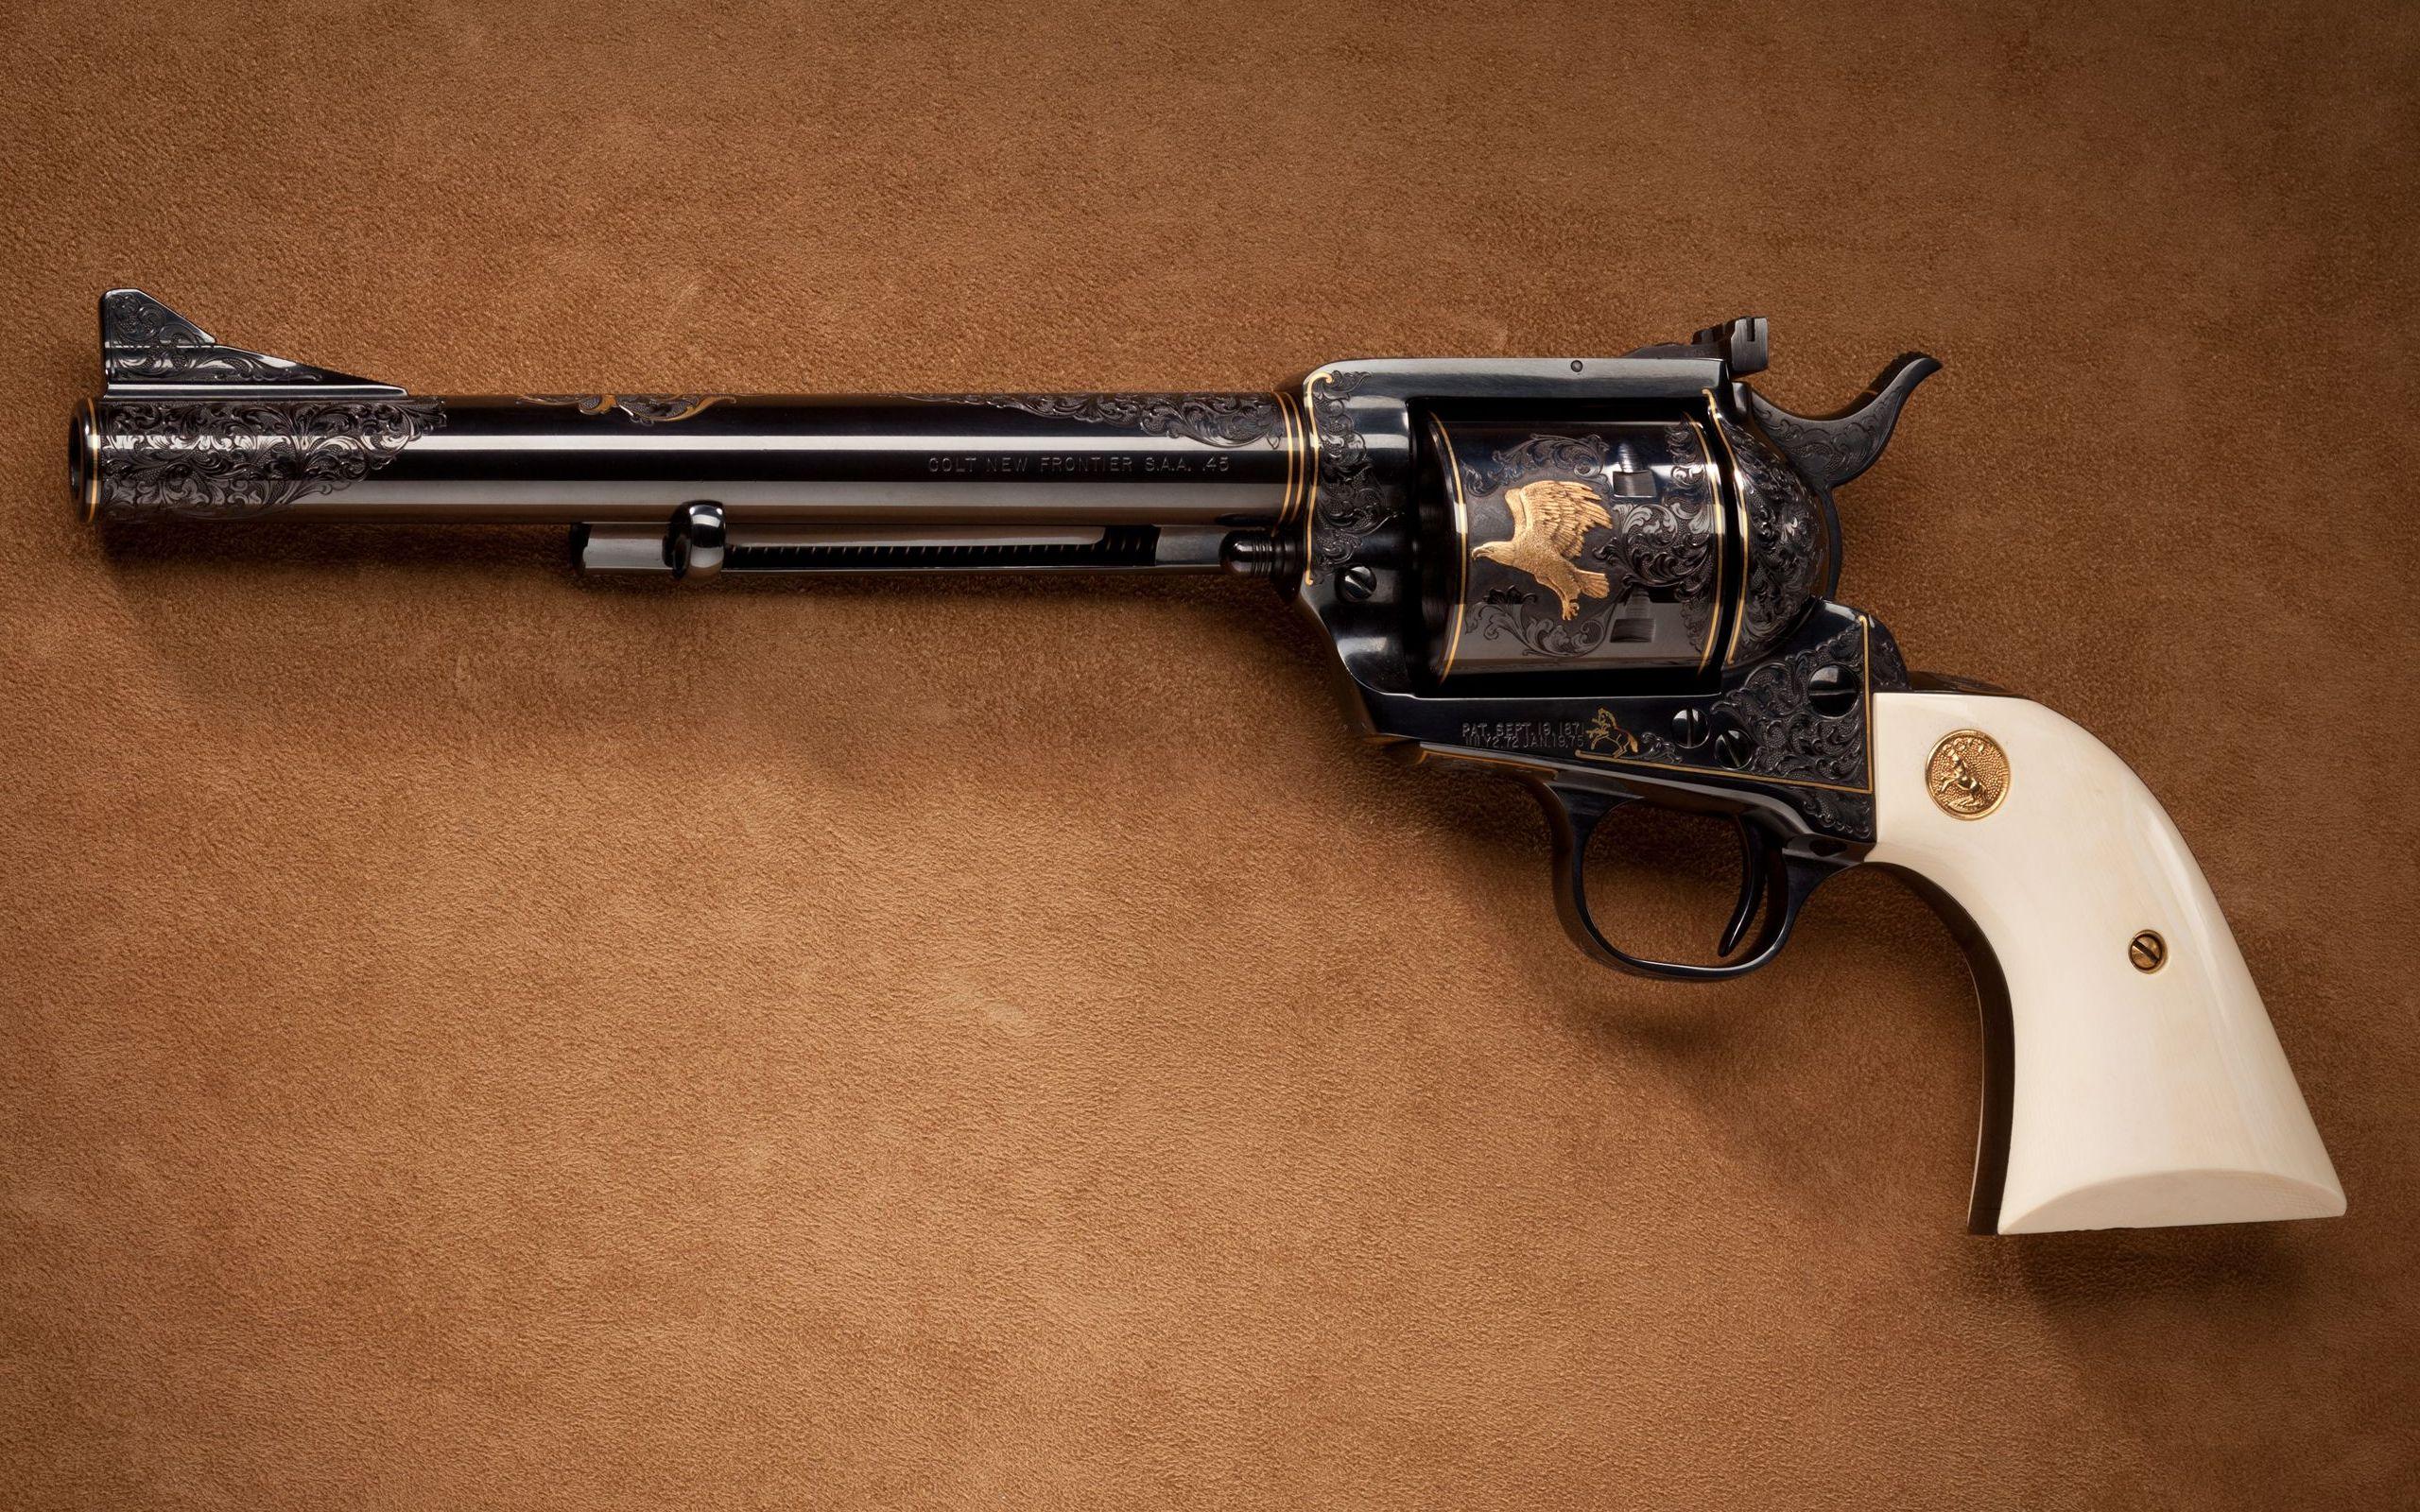 Colt wallpaper 2560x1600